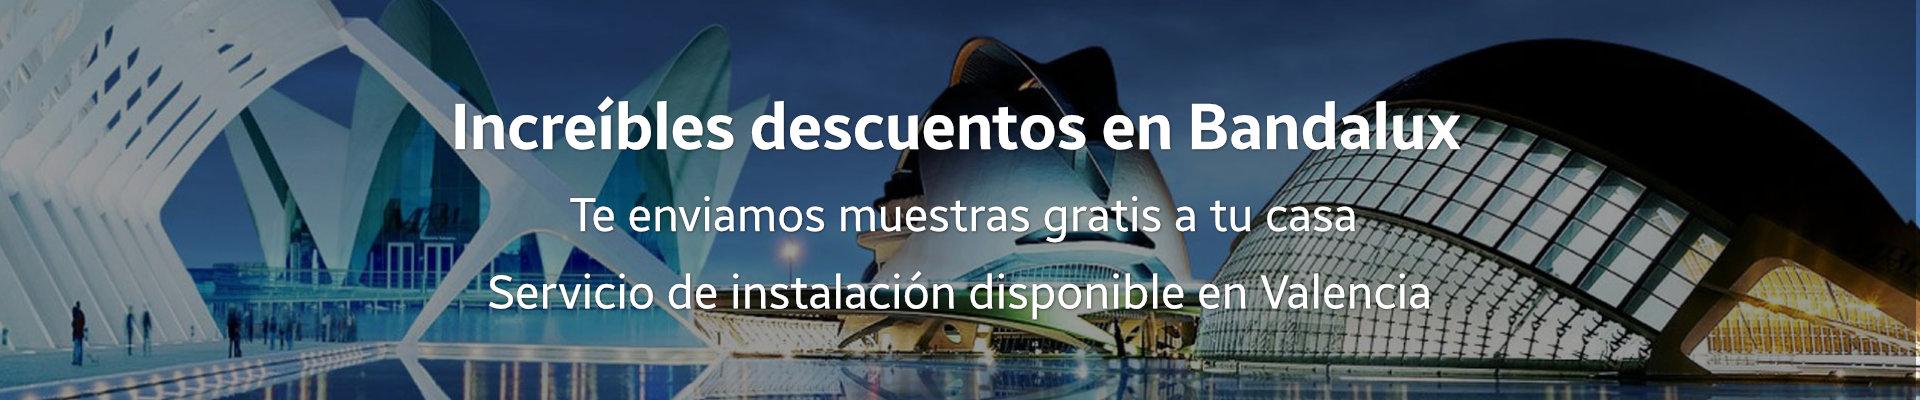 Grandes descuentos en Bandalux para Valencia